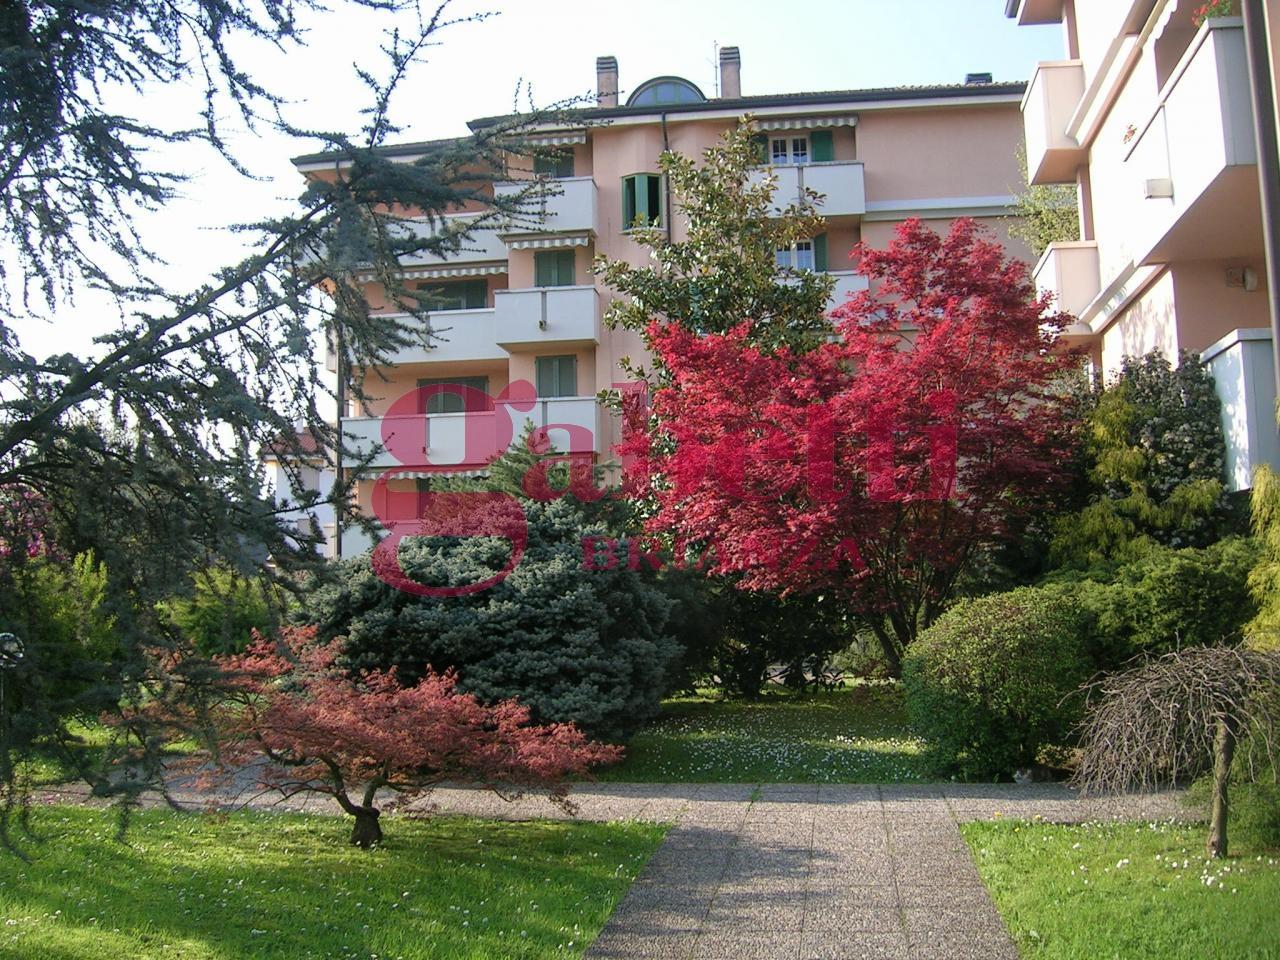 Appartamento in vendita a Usmate Velate, 3 locali, zona te, prezzo € 165.000 | PortaleAgenzieImmobiliari.it